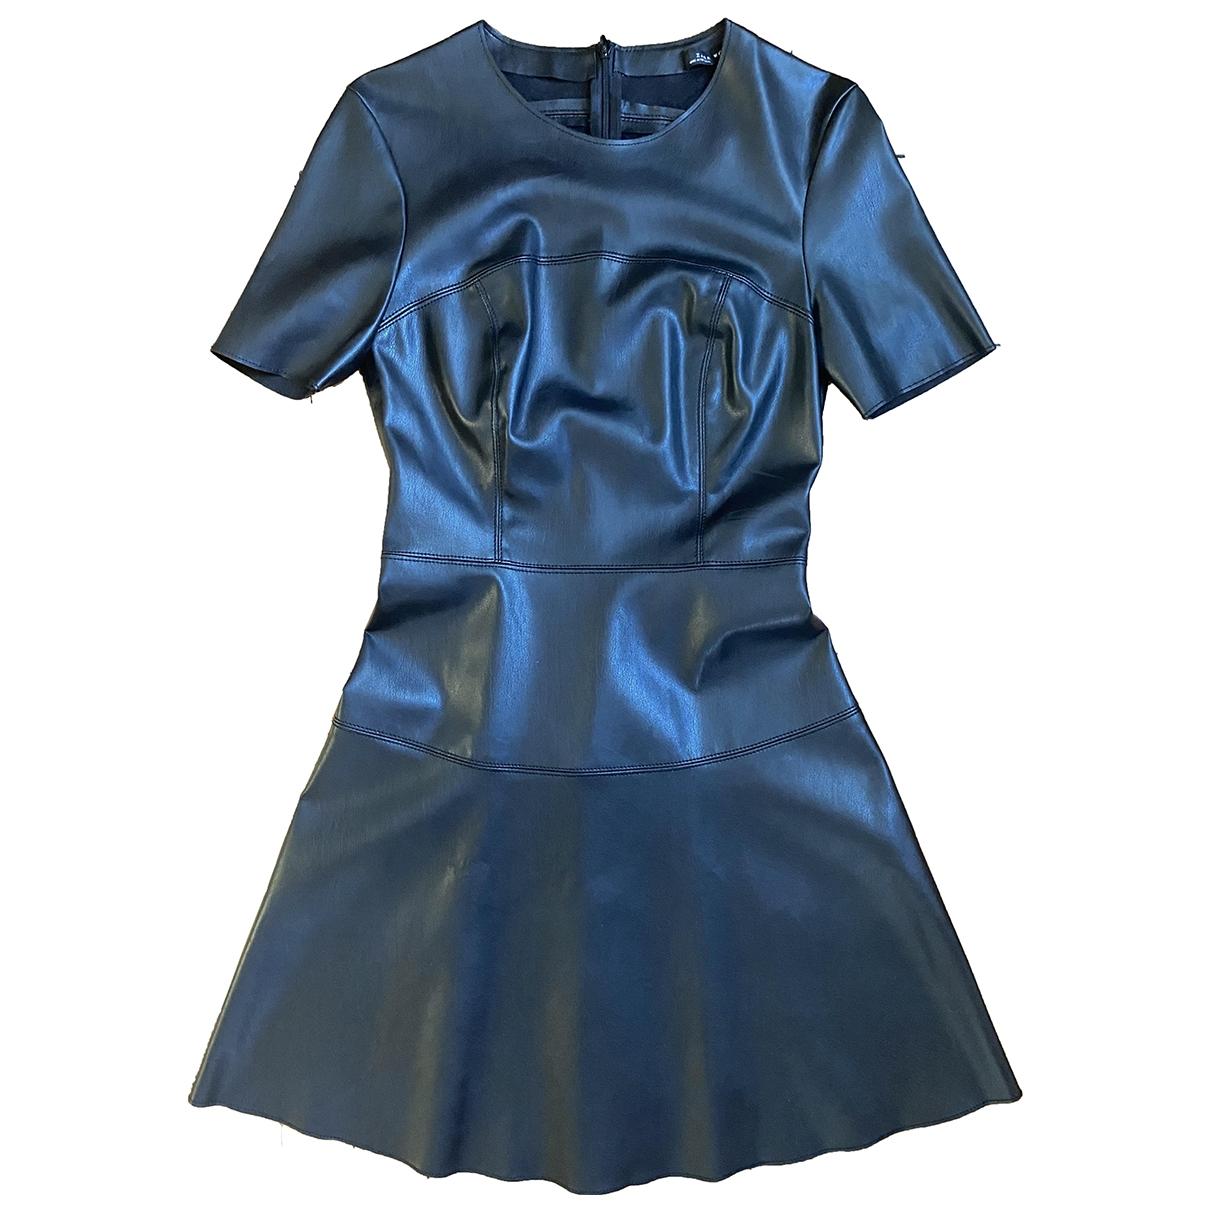 Zara \N Black dress for Women S International